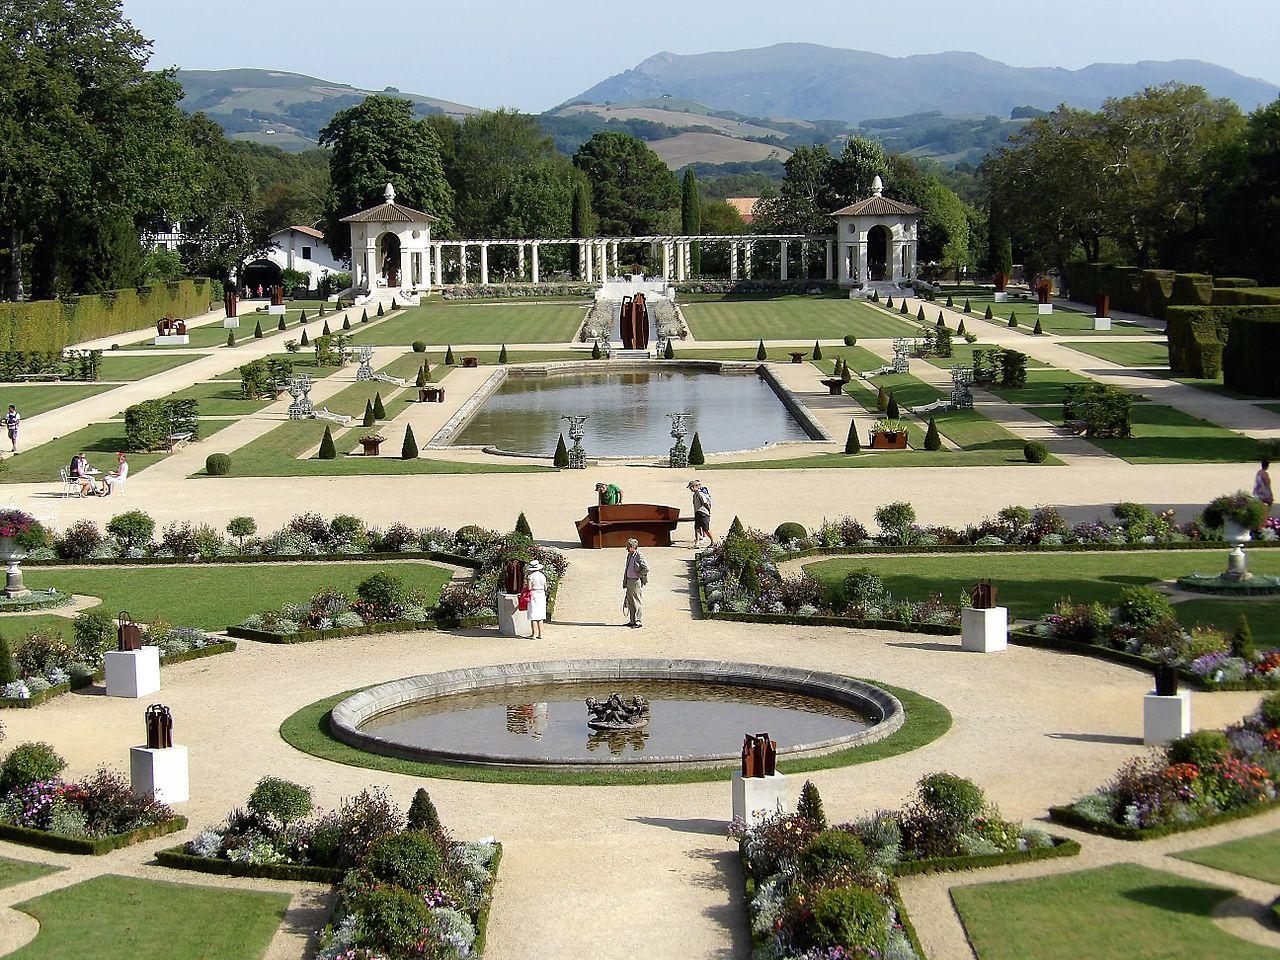 File:Jardin de la maison de Rostand à Combo les bains 01.jpg ...